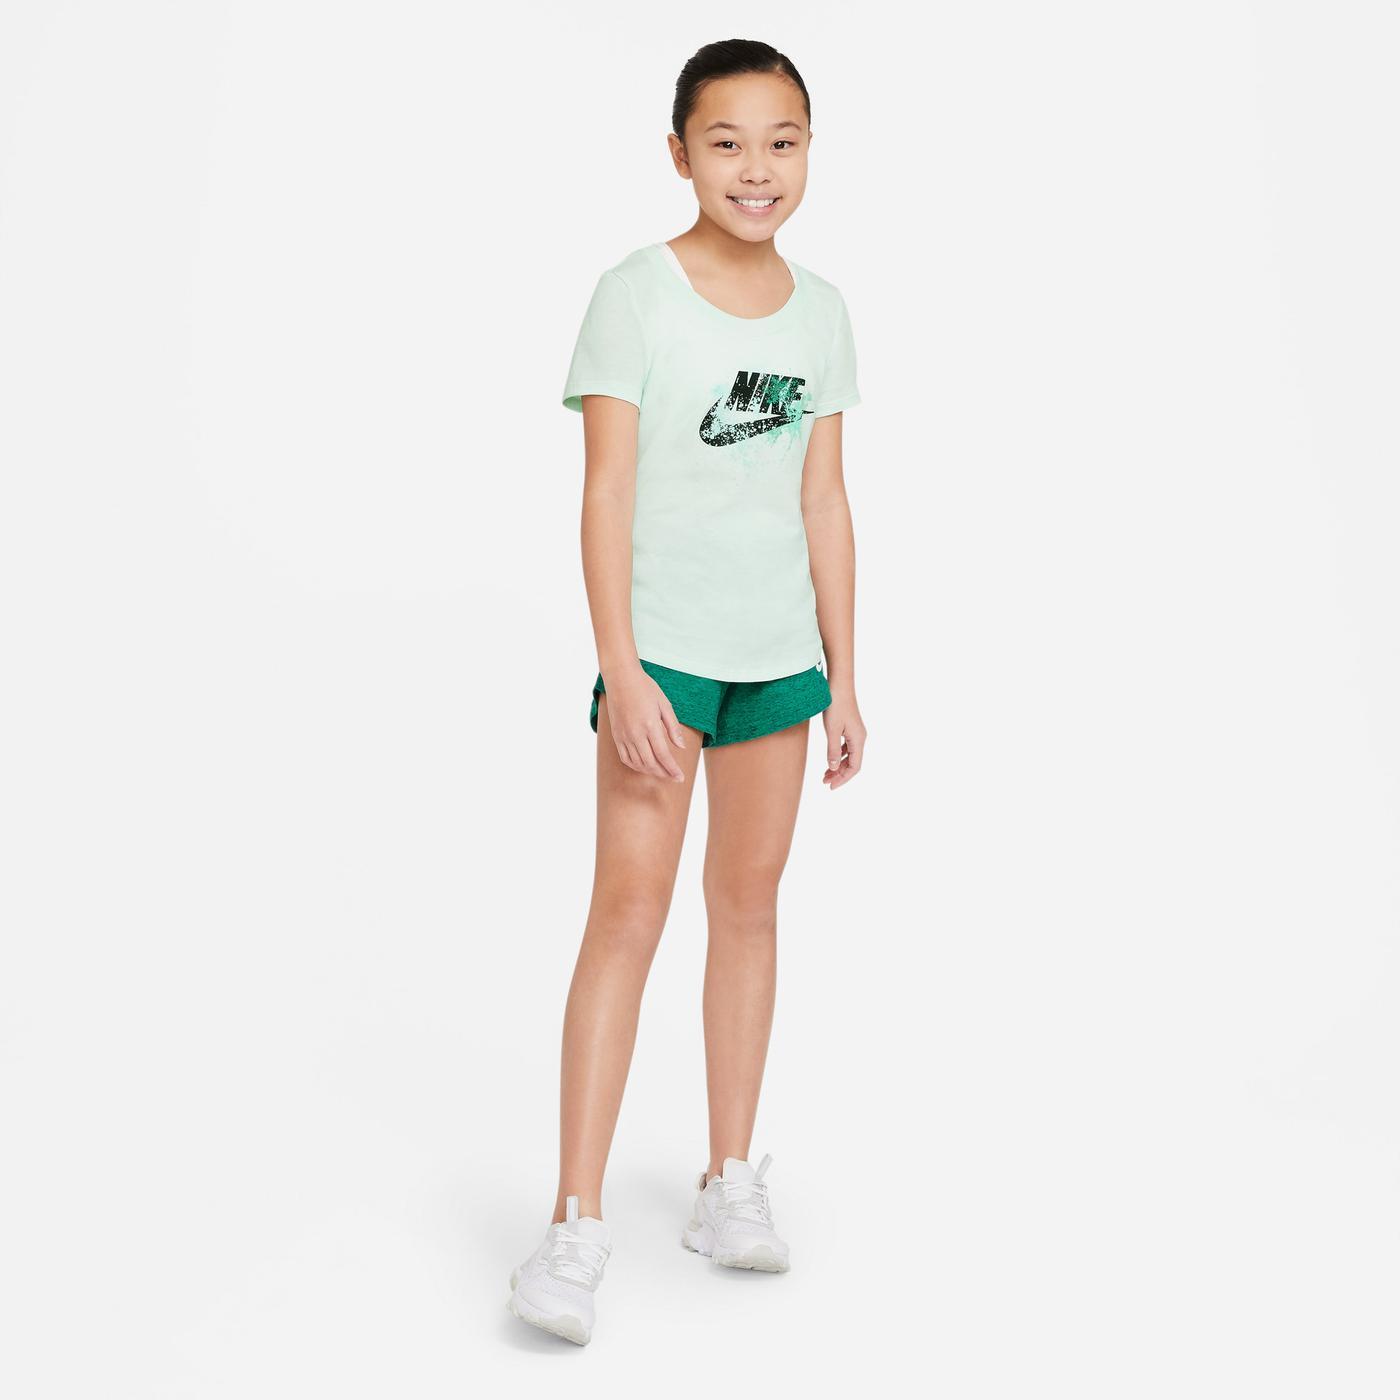 Nike Çocuk Yeşil T-Shirt